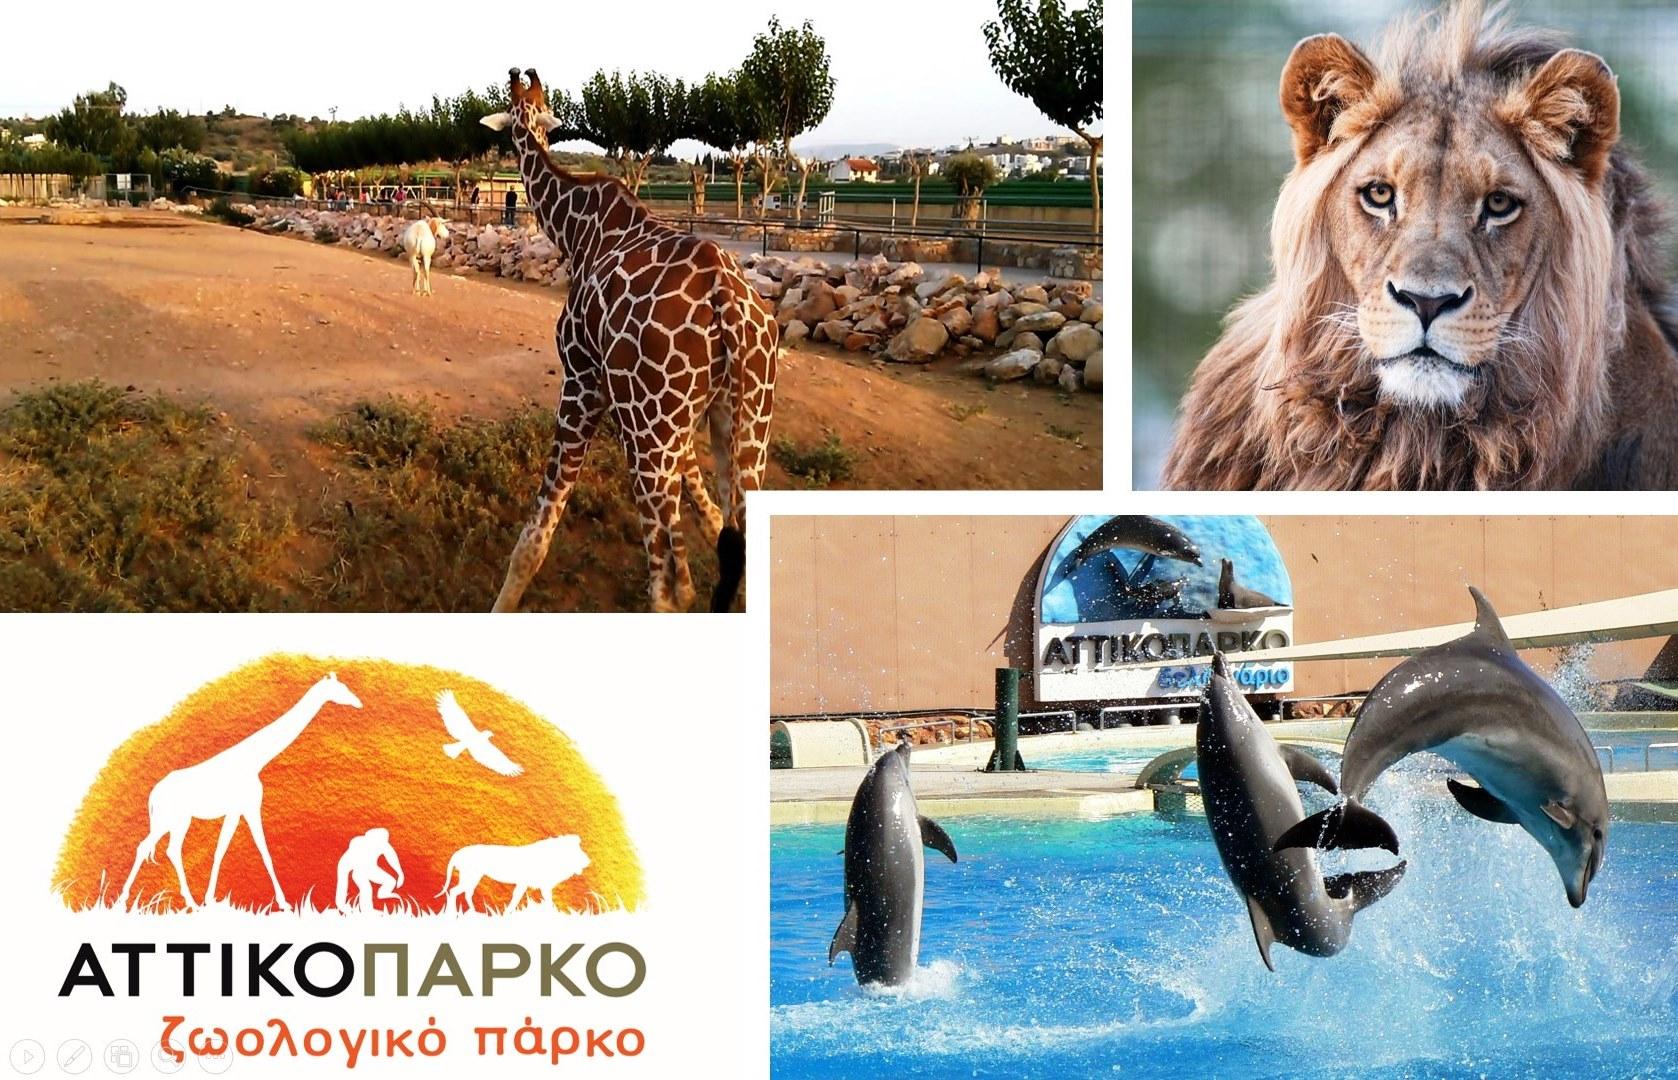 Αττικό Ζωολογικό Πάρκο: 6 Μοναδικές Προσφορές για όλη την οικογένεια (Απλή ή Οικογενειακή Είσοδος / Ετήσια Κάρτα) στο μεγαλύτερο πάρκο της Χώρας εικόνα